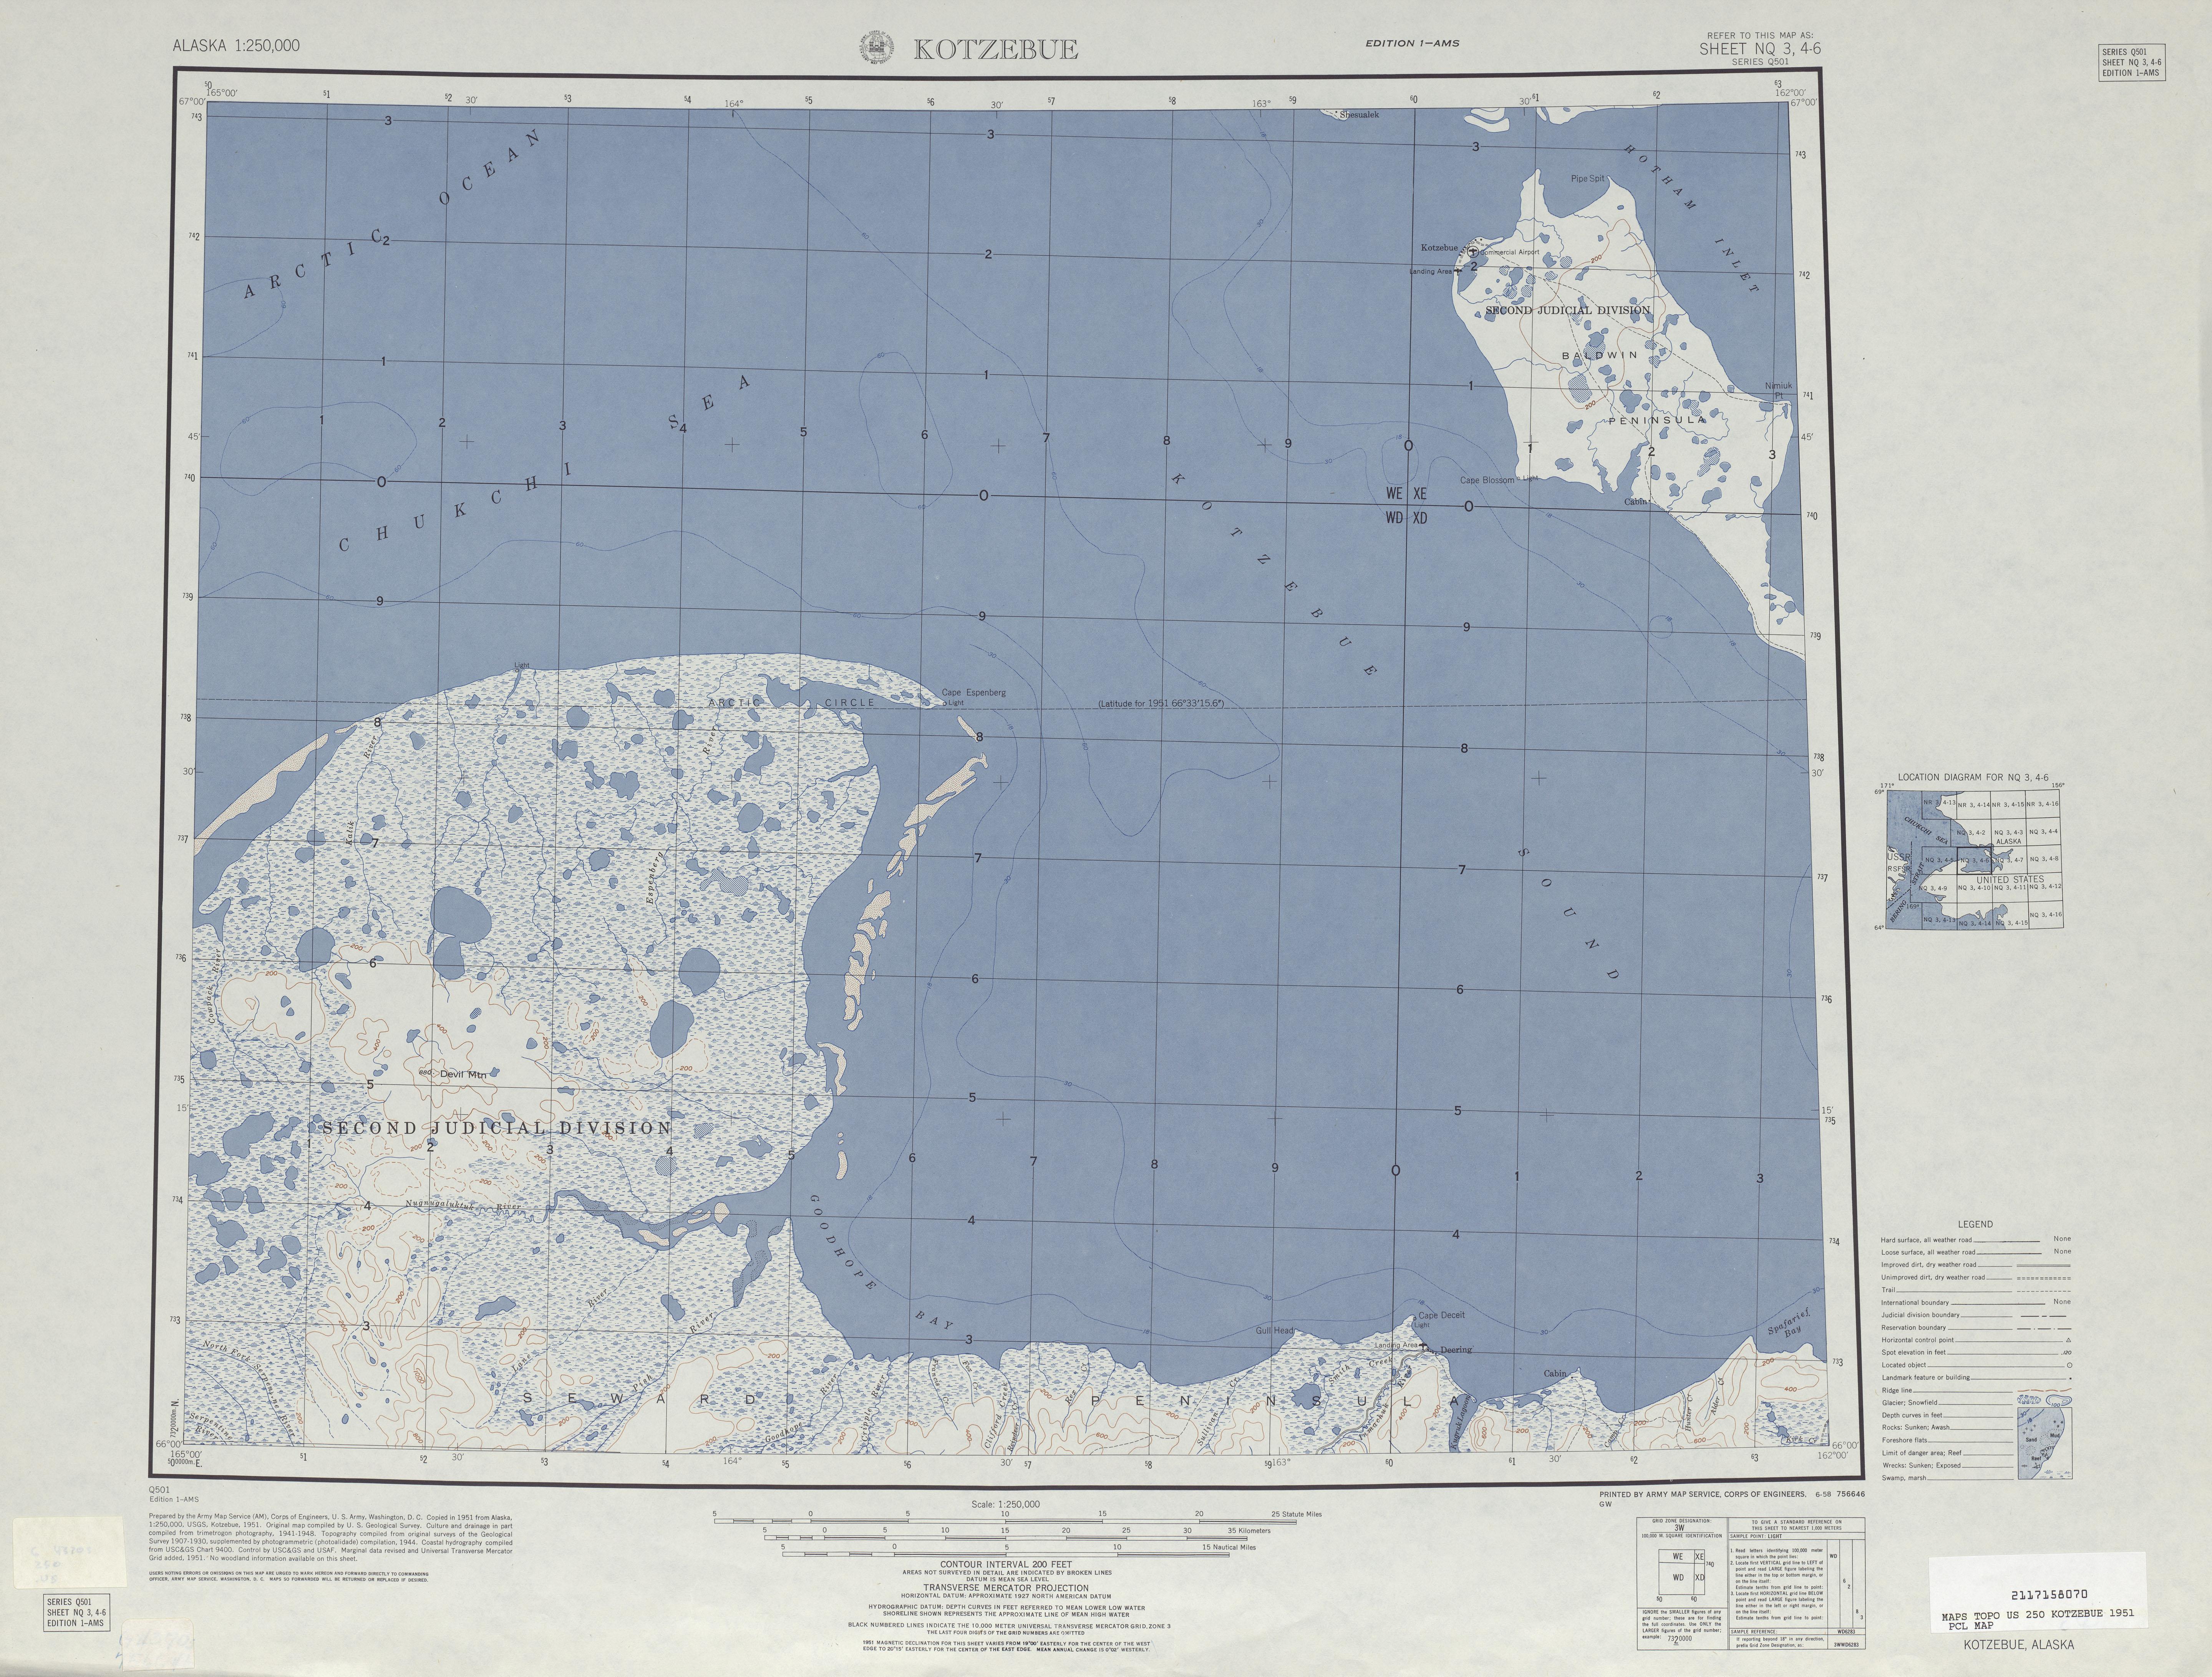 Hoja Kotzebue del Mapa de Relieve Sombreado de los Estados Unidos 1951